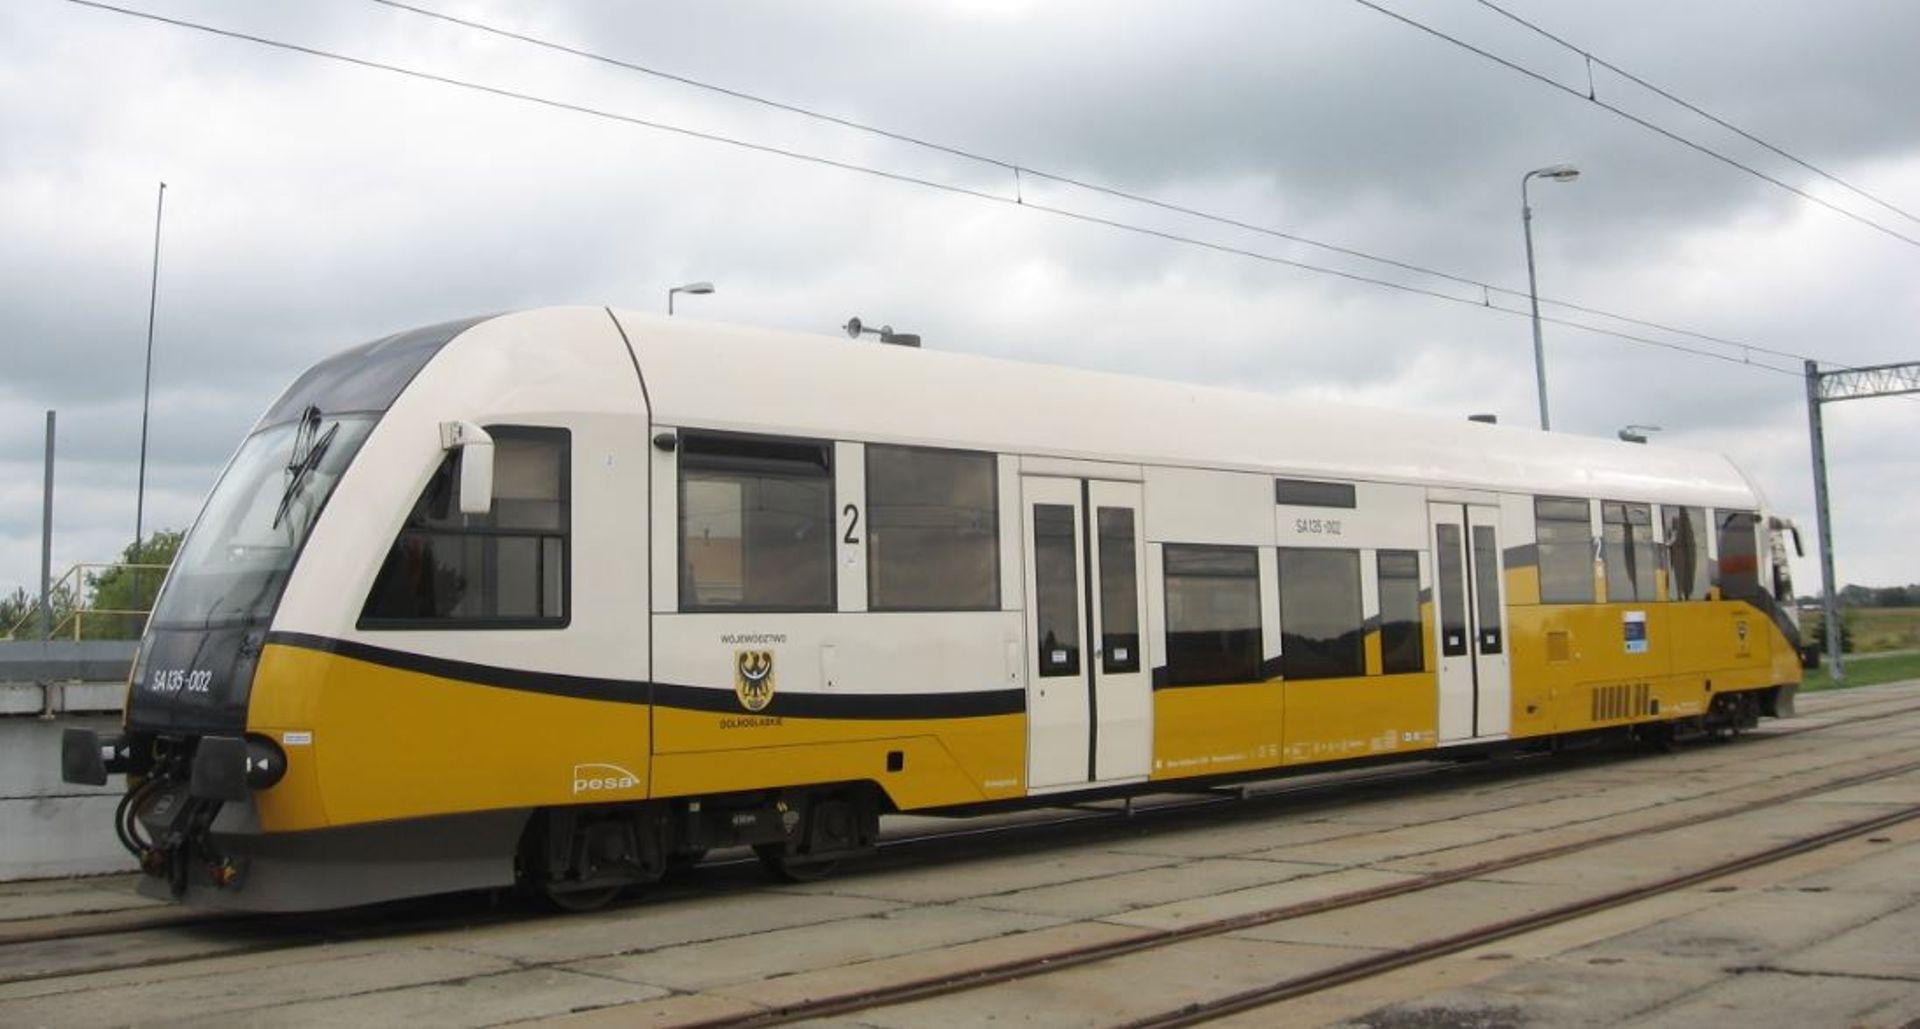 Pociągi z Wrocławia do Kątów Wrocławskich pojadą co 20 minut